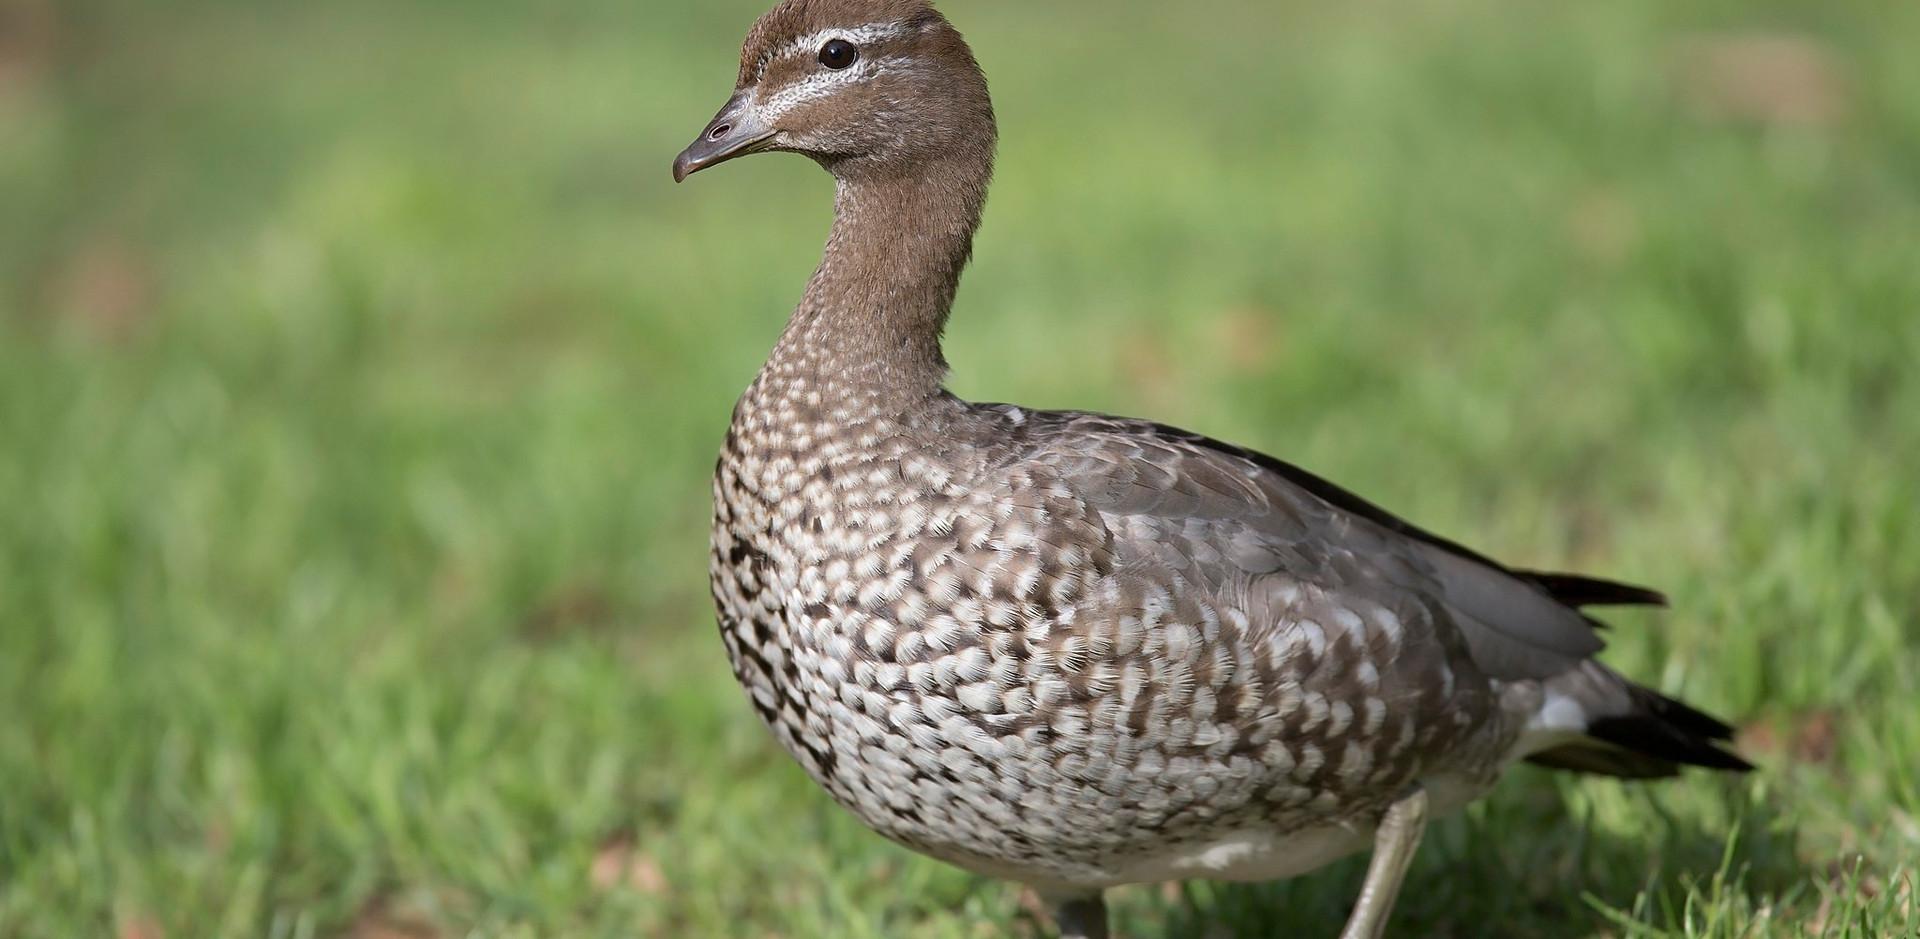 Female Australian Wood Duck